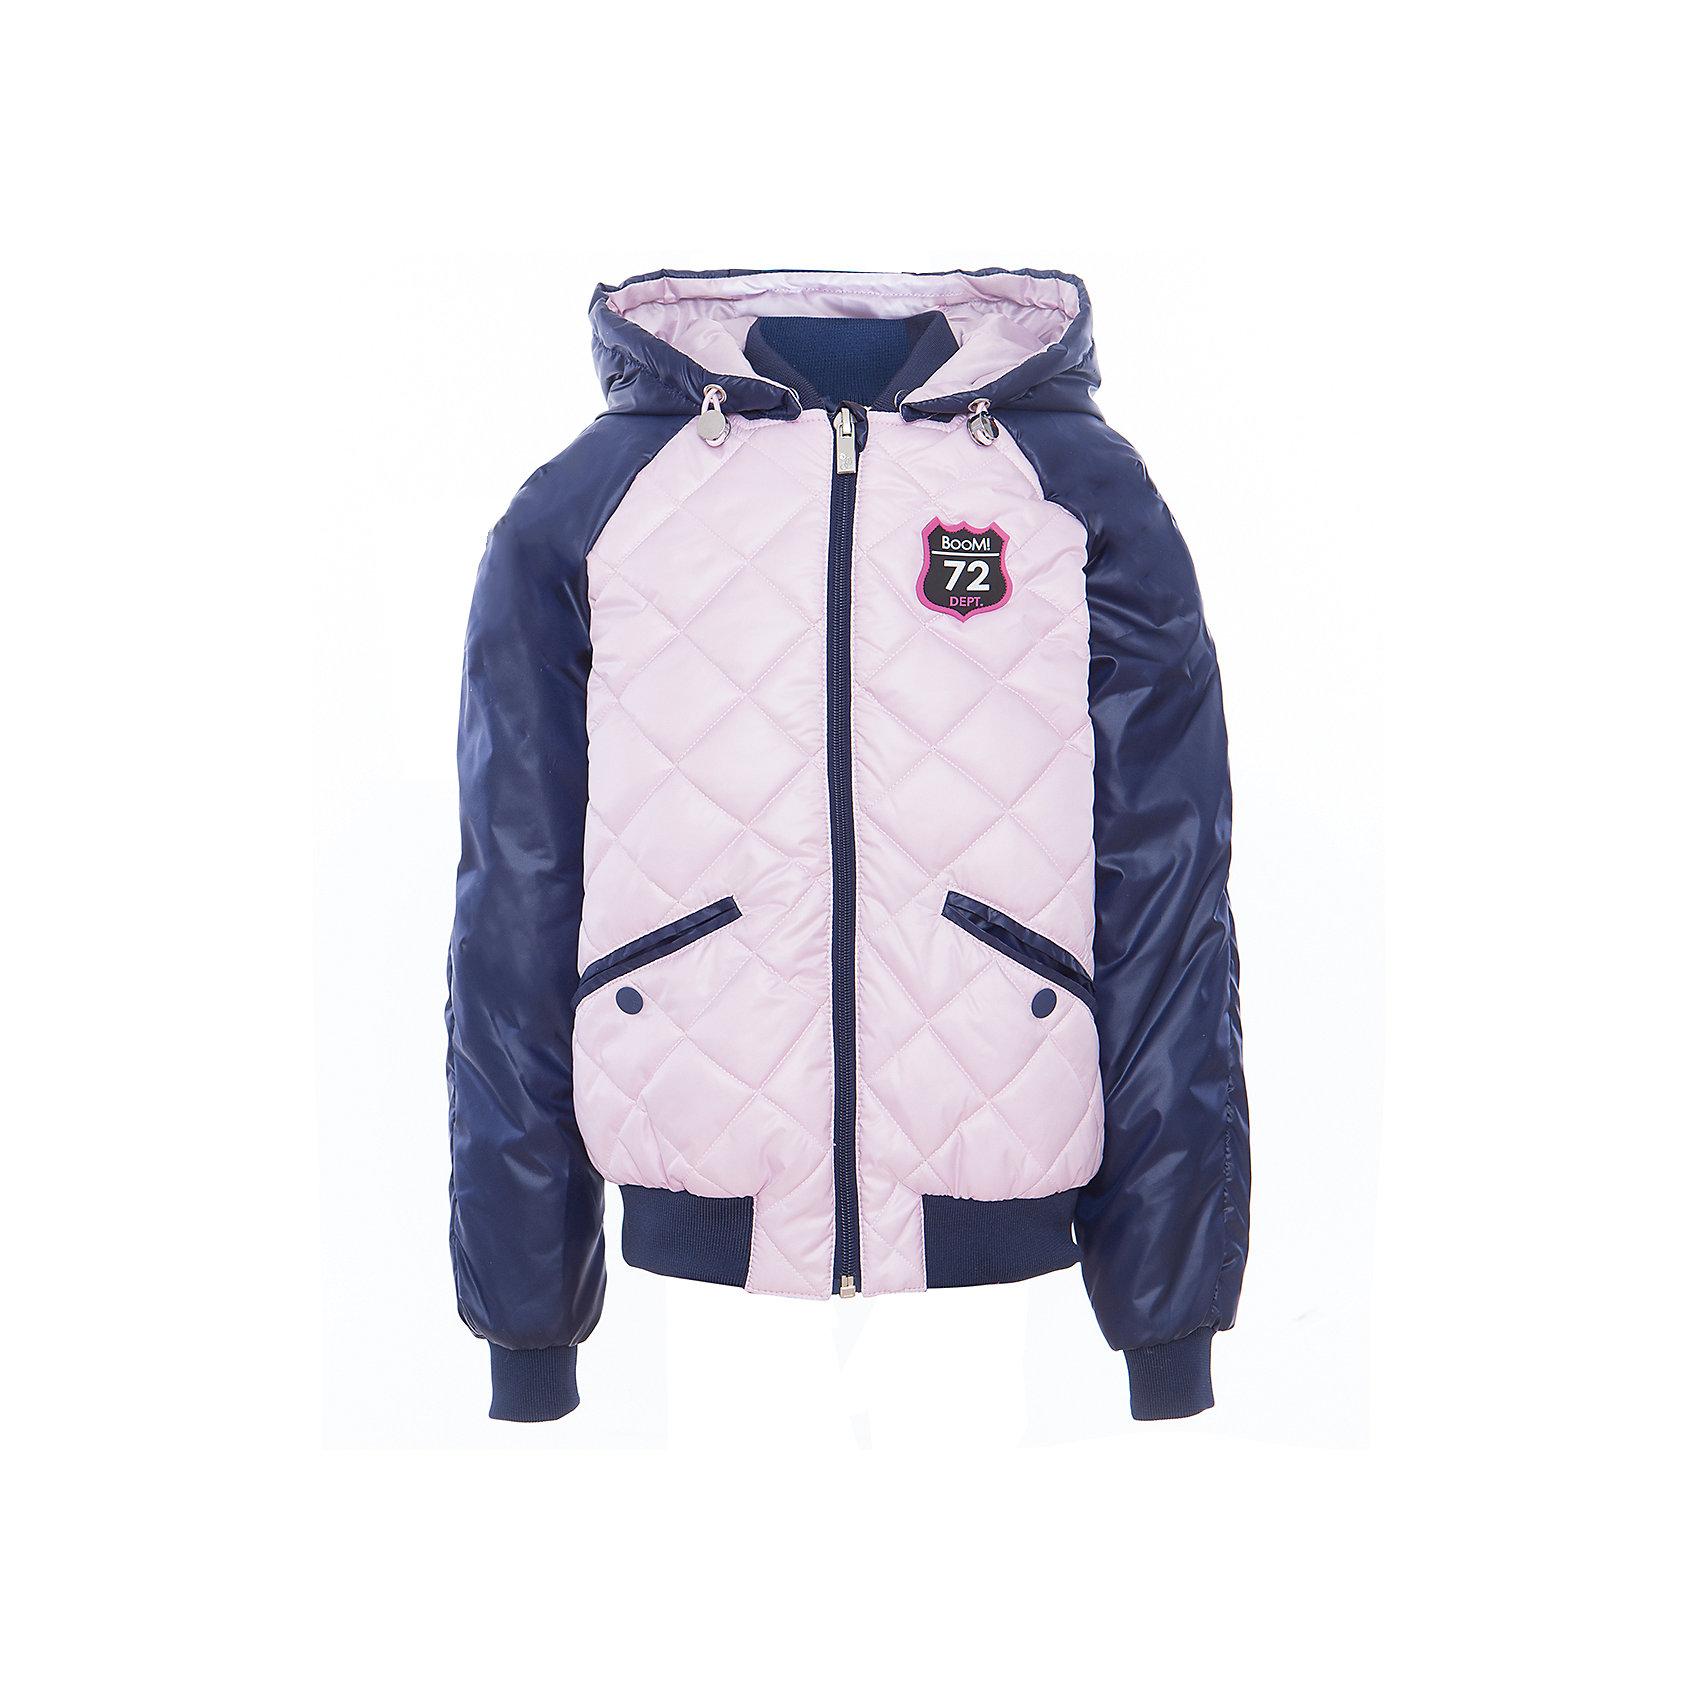 Куртка для девочки BOOM by OrbyВерхняя одежда<br>Характеристики товара:<br><br>• цвет: розовый/синий<br>• ткань верха: Таффета oil cire PU стеганная; Таффета oil cire PU<br>• подкладка: Поликоттон, ПЭ пуходержащий; Отделка: Вязаное полотно.<br>• наполнитель: Flexy Fiber - это искусственный аналог лебяжьего пуха<br>• температурный режим: от 0 С° до +10 С° <br>• капюшон (отстегивающийся)<br>• карманы на кнопке<br>• застежка - молния<br>• эластичные манжеты<br>• стеганая<br>• декорирована нашивками<br>• комфортная посадка<br>• страна производства: Российская Федерация<br>• страна бренда: Российская Федерация<br>• коллекция: весна-лето 2017<br><br>Куртка-бомбер - универсальный вариант для межсезонья с постоянно меняющейся погодой. Эта модель - модная и удобная одновременно! Изделие отличается стильным ярким дизайном. Куртка хорошо сидит по фигуре, отлично сочетается с различным низом. Вещь была разработана специально для детей.<br><br>Одежда от российского бренда BOOM by Orby уже завоевала популярностью у многих детей и их родителей. Вещи, выпускаемые компанией, качественные, продуманные и очень удобные. Для производства коллекций используются только безопасные для детей материалы. Спешите приобрести модели из новой коллекции Весна-лето 2017! <br><br>Куртку для девочки от бренда BOOM by Orby можно купить в нашем интернет-магазине.<br><br>Ширина мм: 356<br>Глубина мм: 10<br>Высота мм: 245<br>Вес г: 519<br>Цвет: синий<br>Возраст от месяцев: 48<br>Возраст до месяцев: 60<br>Пол: Женский<br>Возраст: Детский<br>Размер: 116,92,98,122,128,134,140,146,152,158,164,110,170,104,86<br>SKU: 5343229